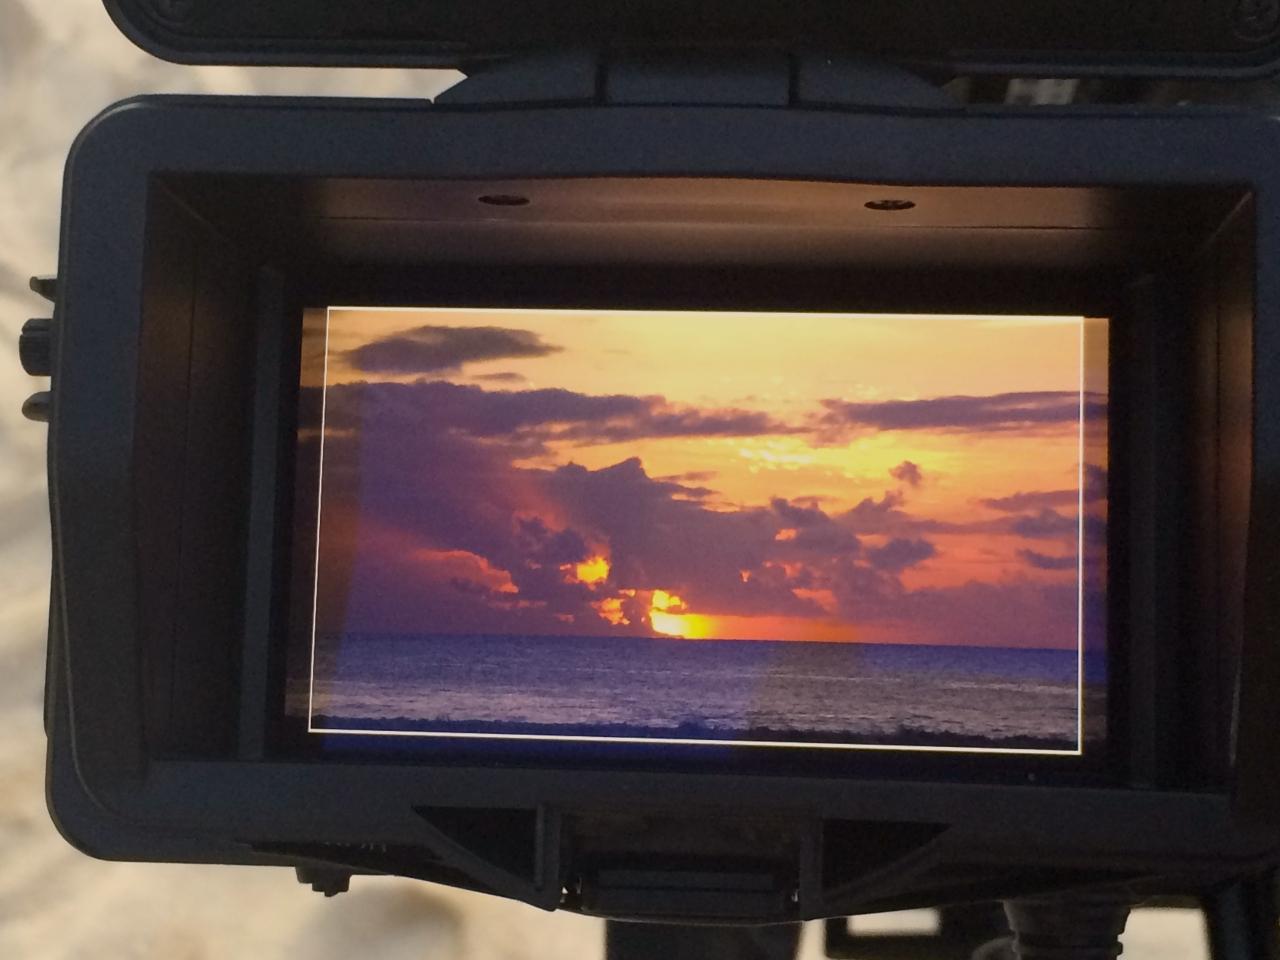 CI Kamera nah Sonnenuntergang